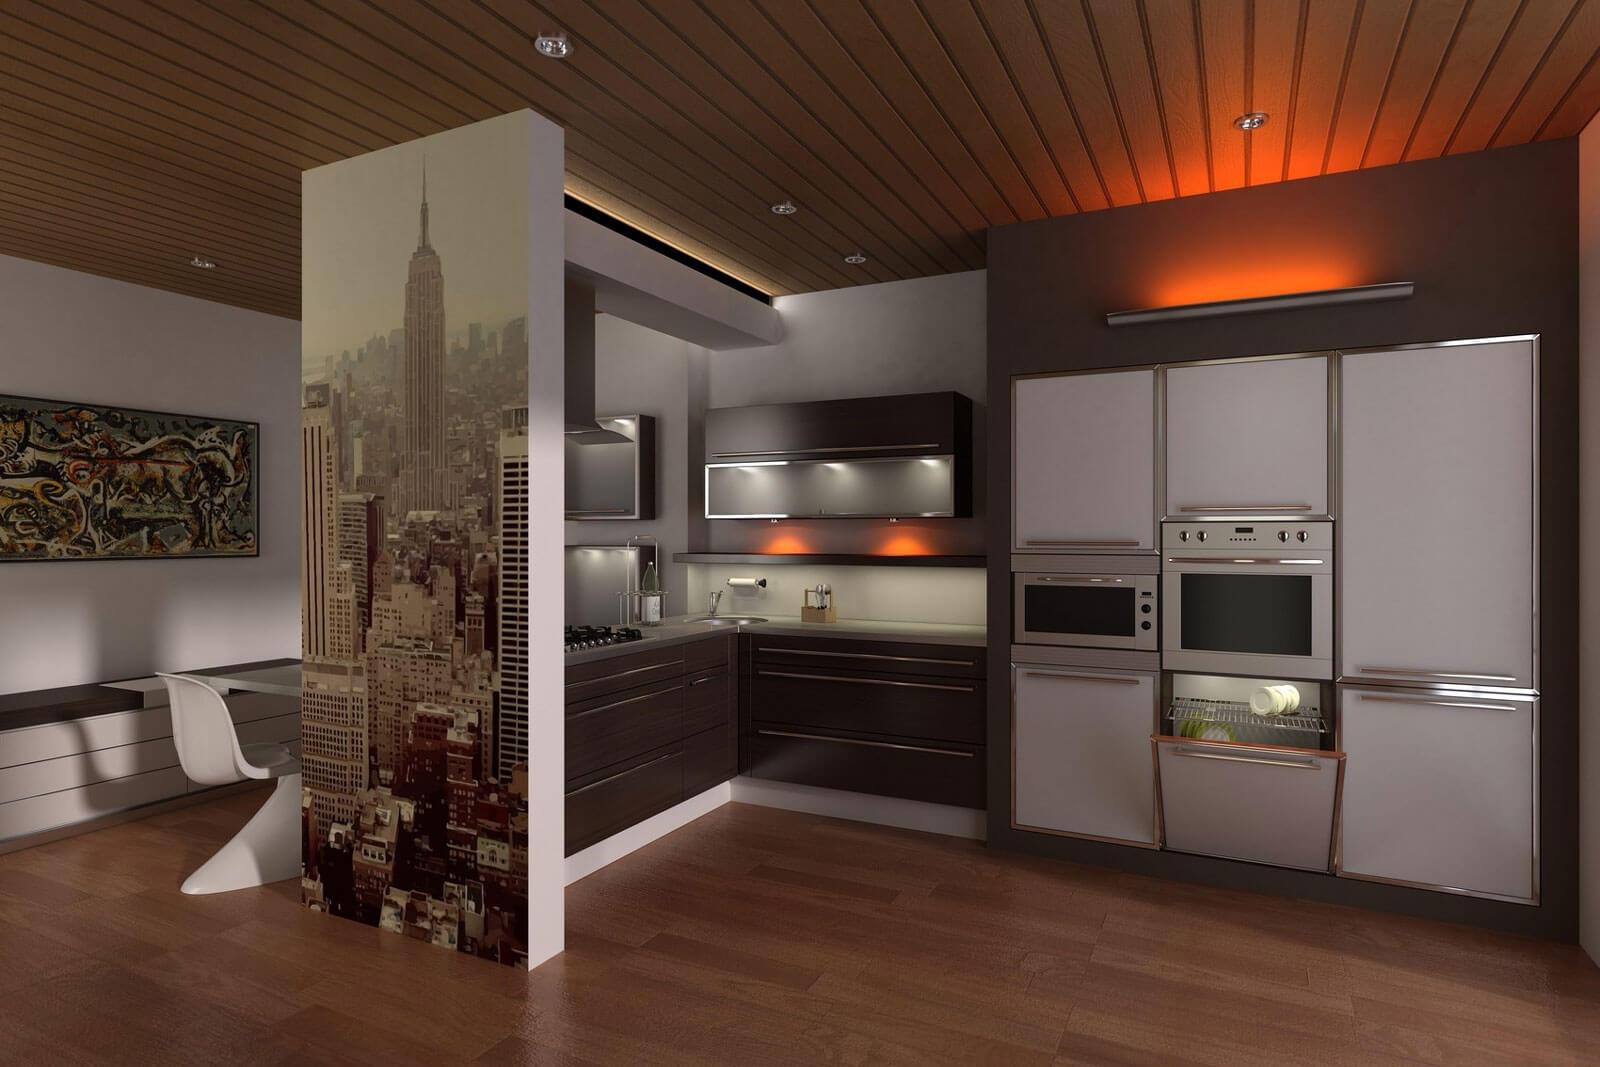 nappali, hálószoba, előszoba, konyha, fürdőszoba tervezés